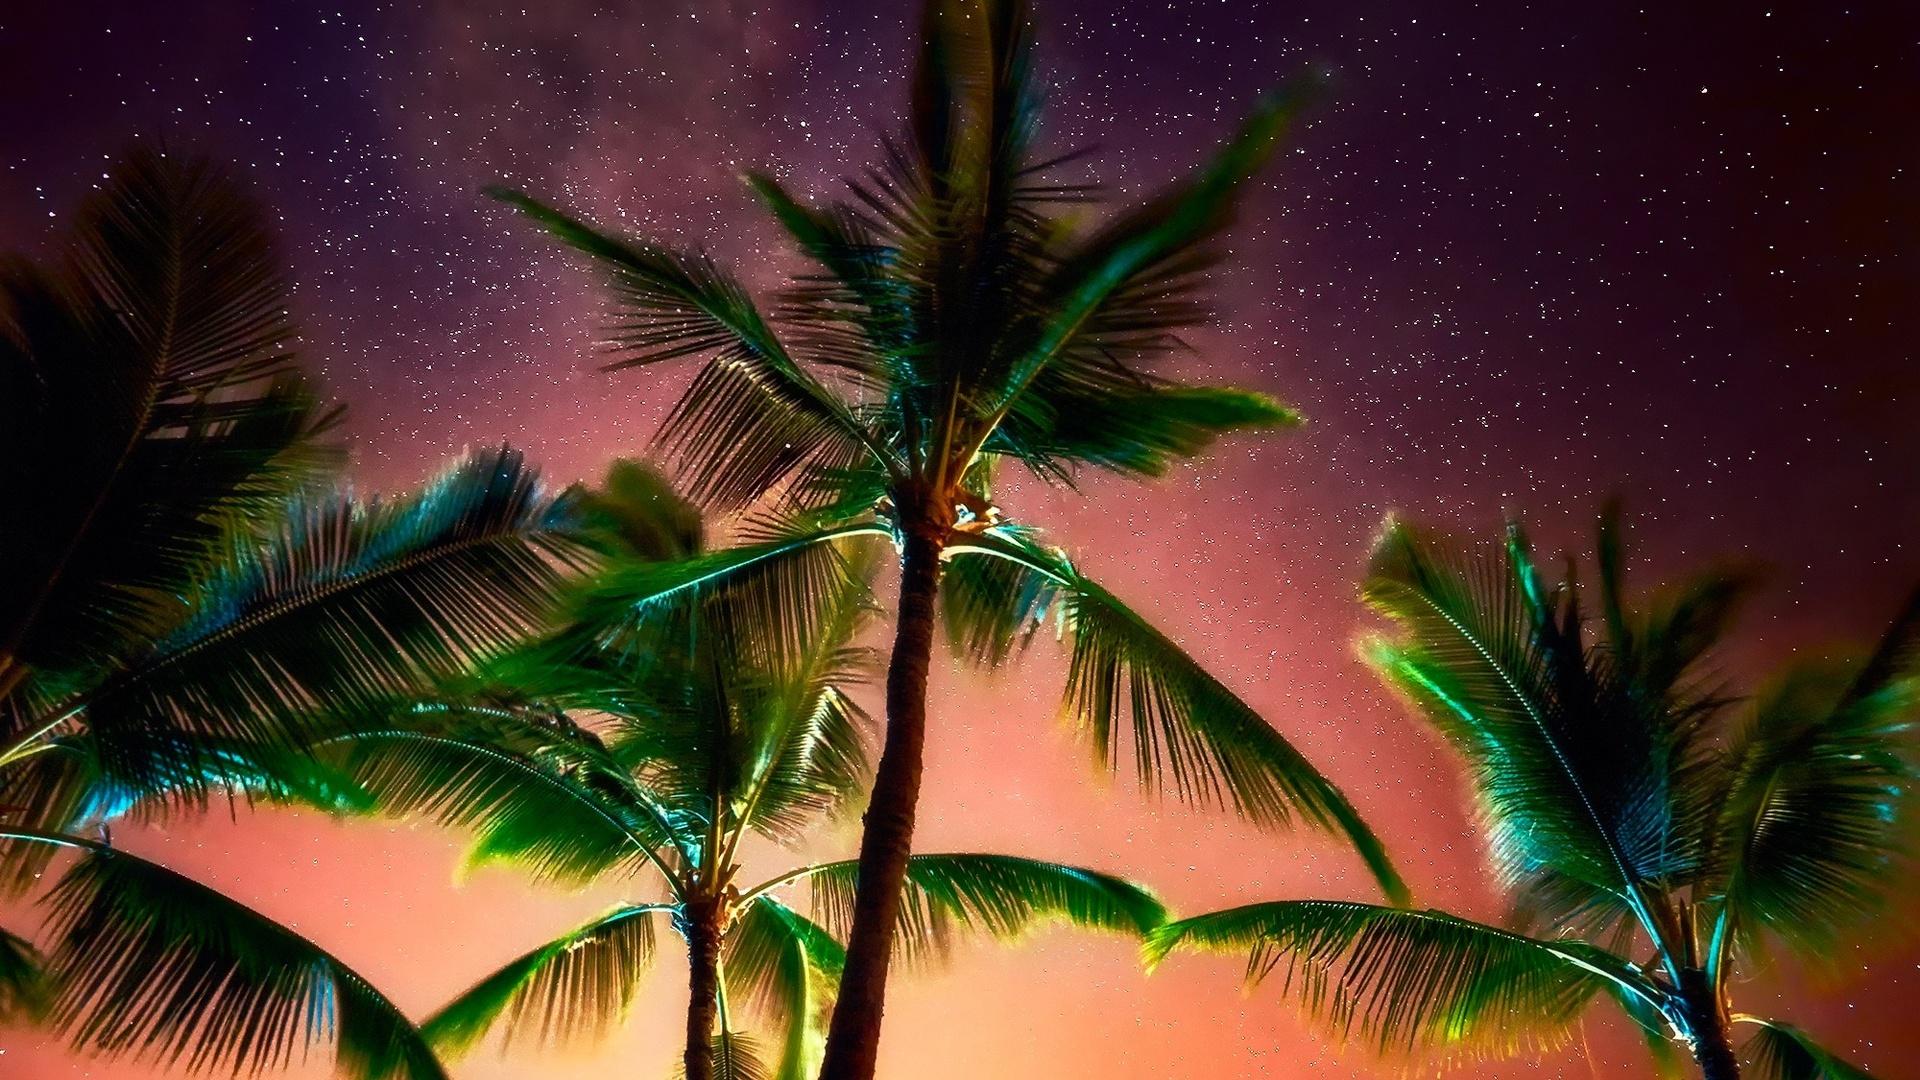 никогда пальмы природа картинки рецепты запекания